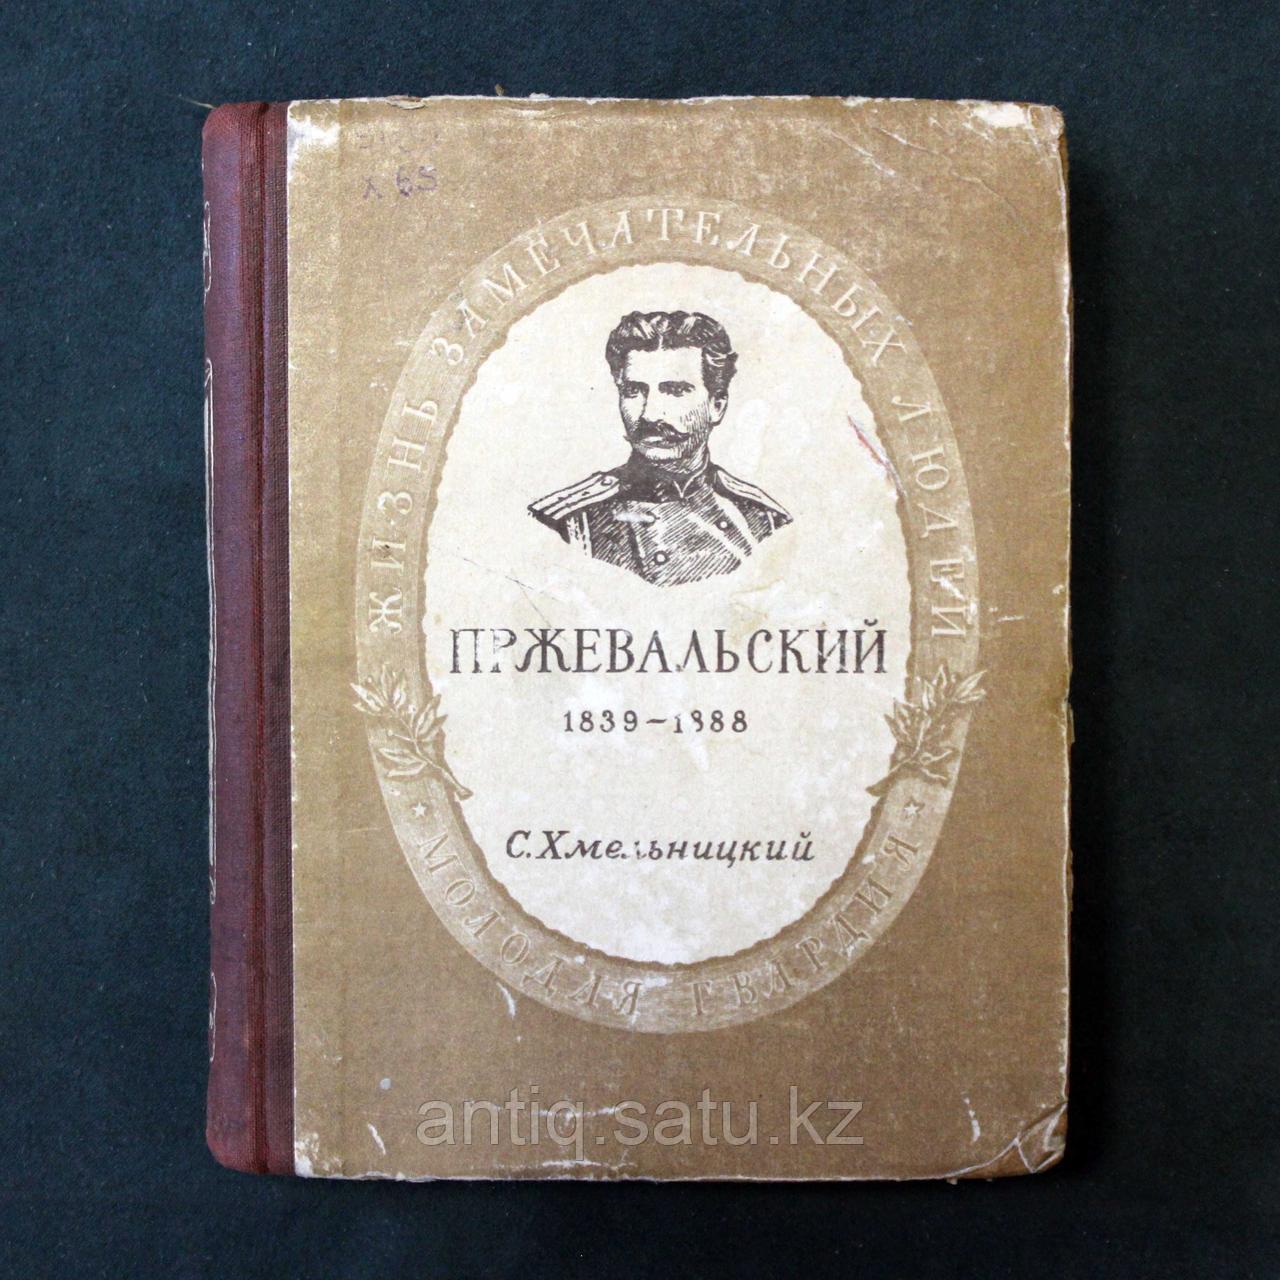 Пржевальский Редкая старая книга о Путешествиях по Центральной Азии. - фото 1